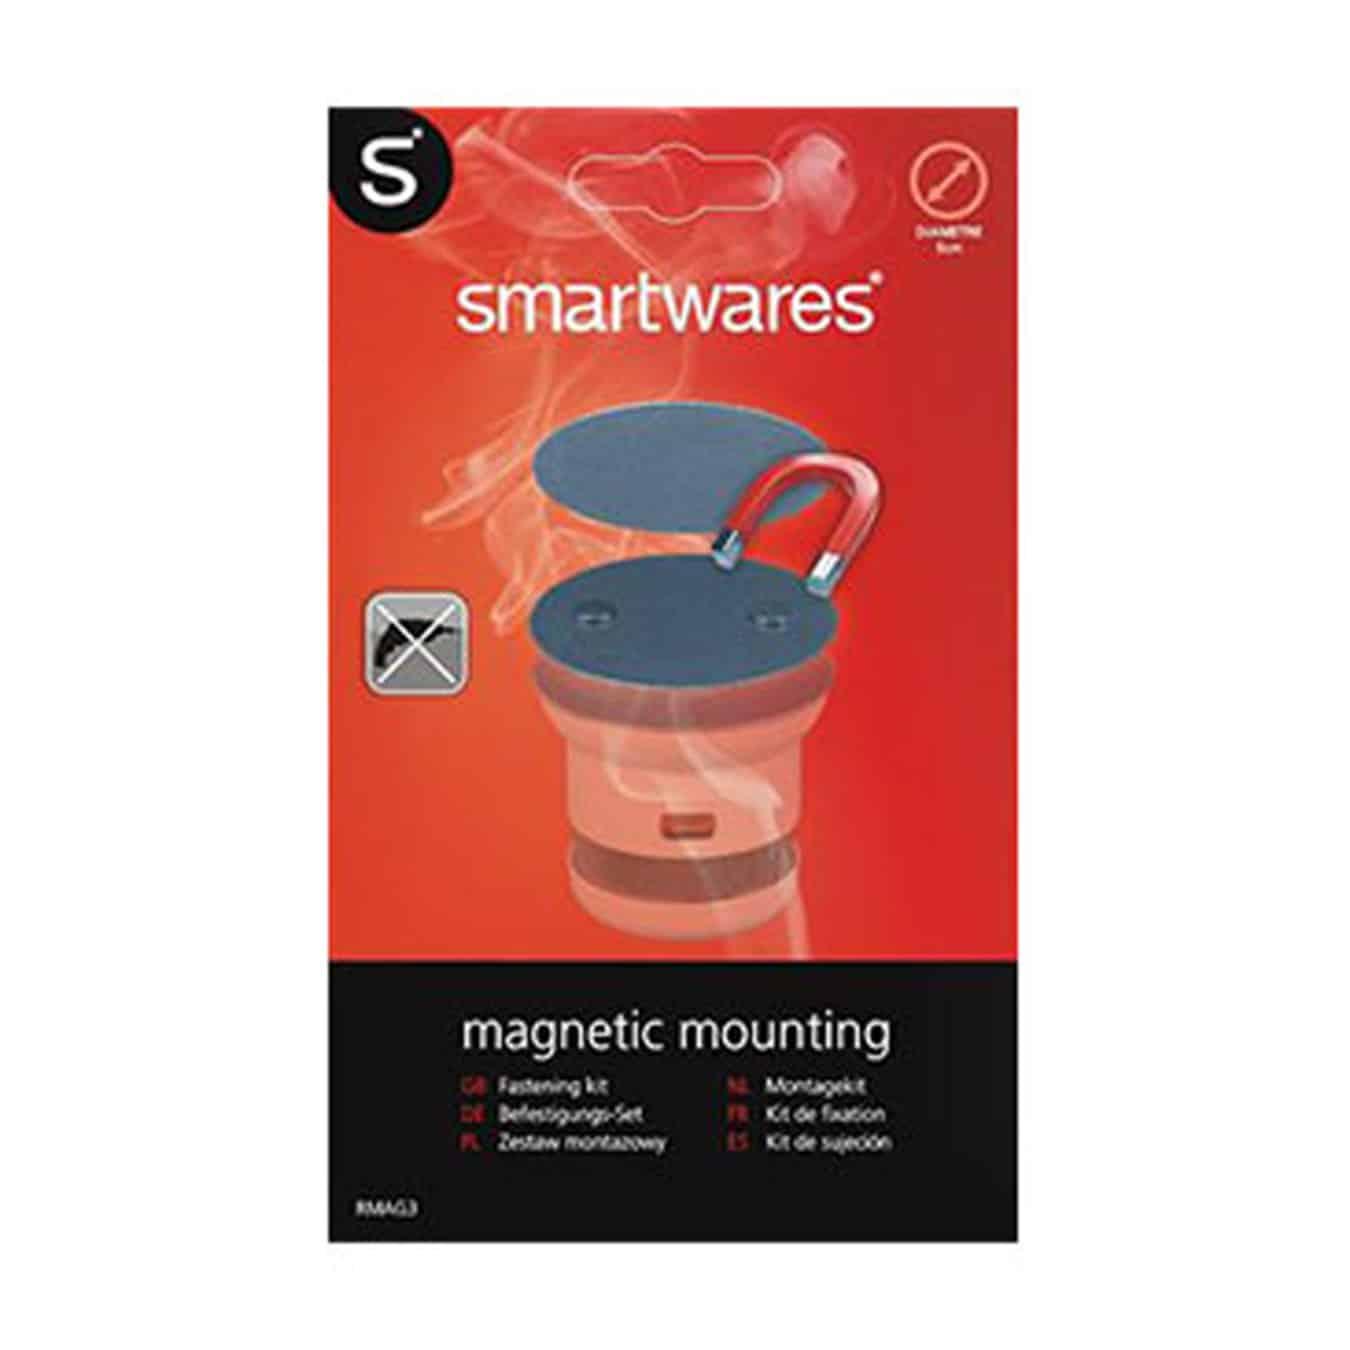 Koop Magnetische montageset RMAG3 - 50mm